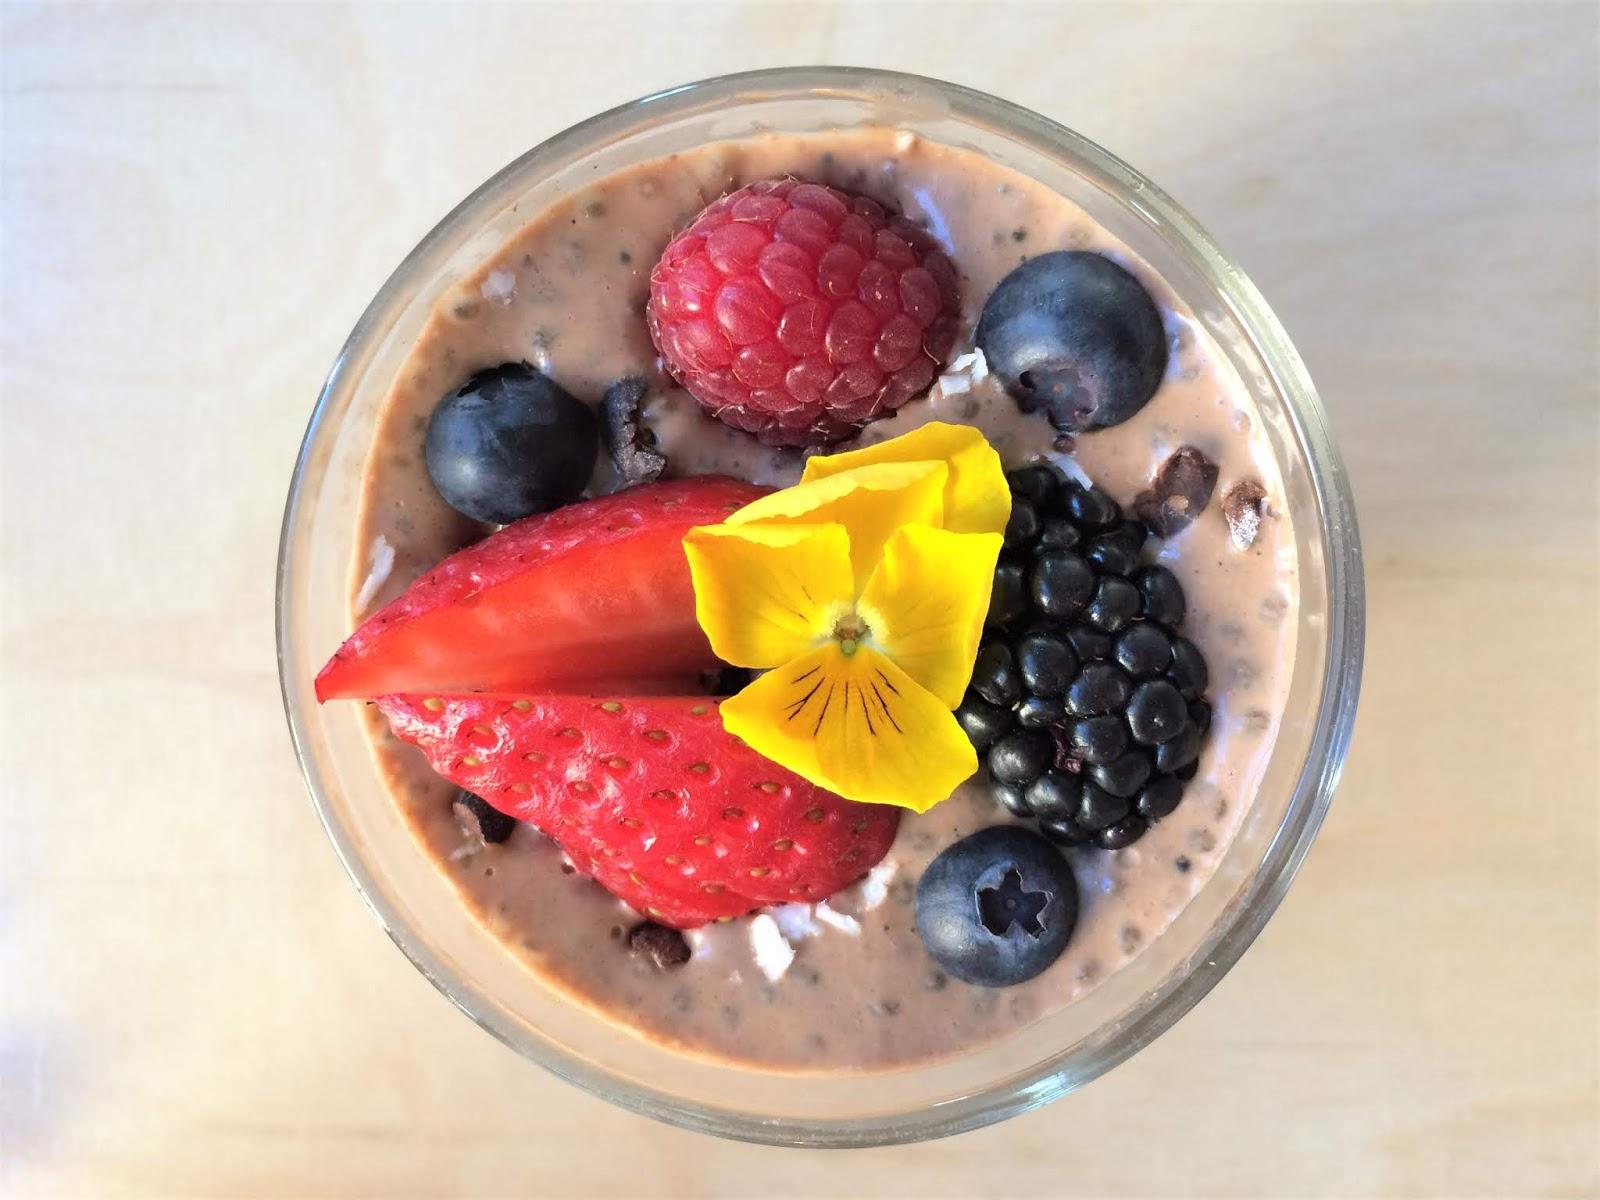 Taaperon viikon aikana syömät kasvikset ja hedelmät